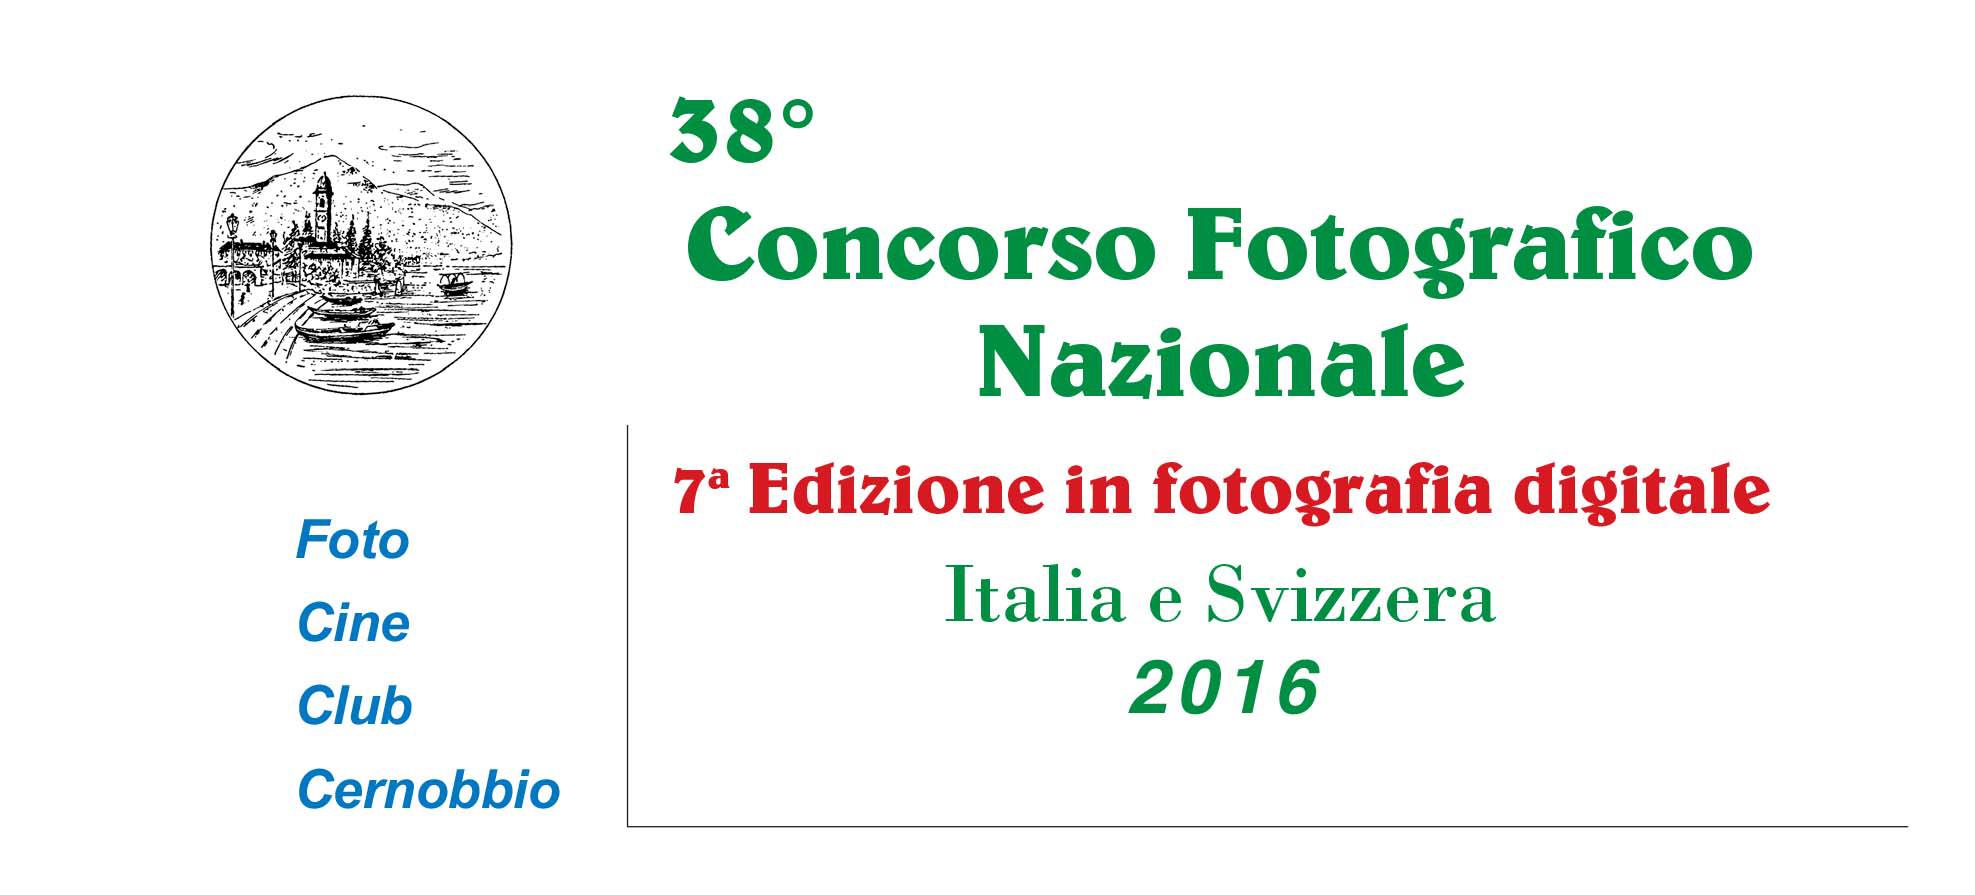 38-concorso-fotografico-nazionale-2016